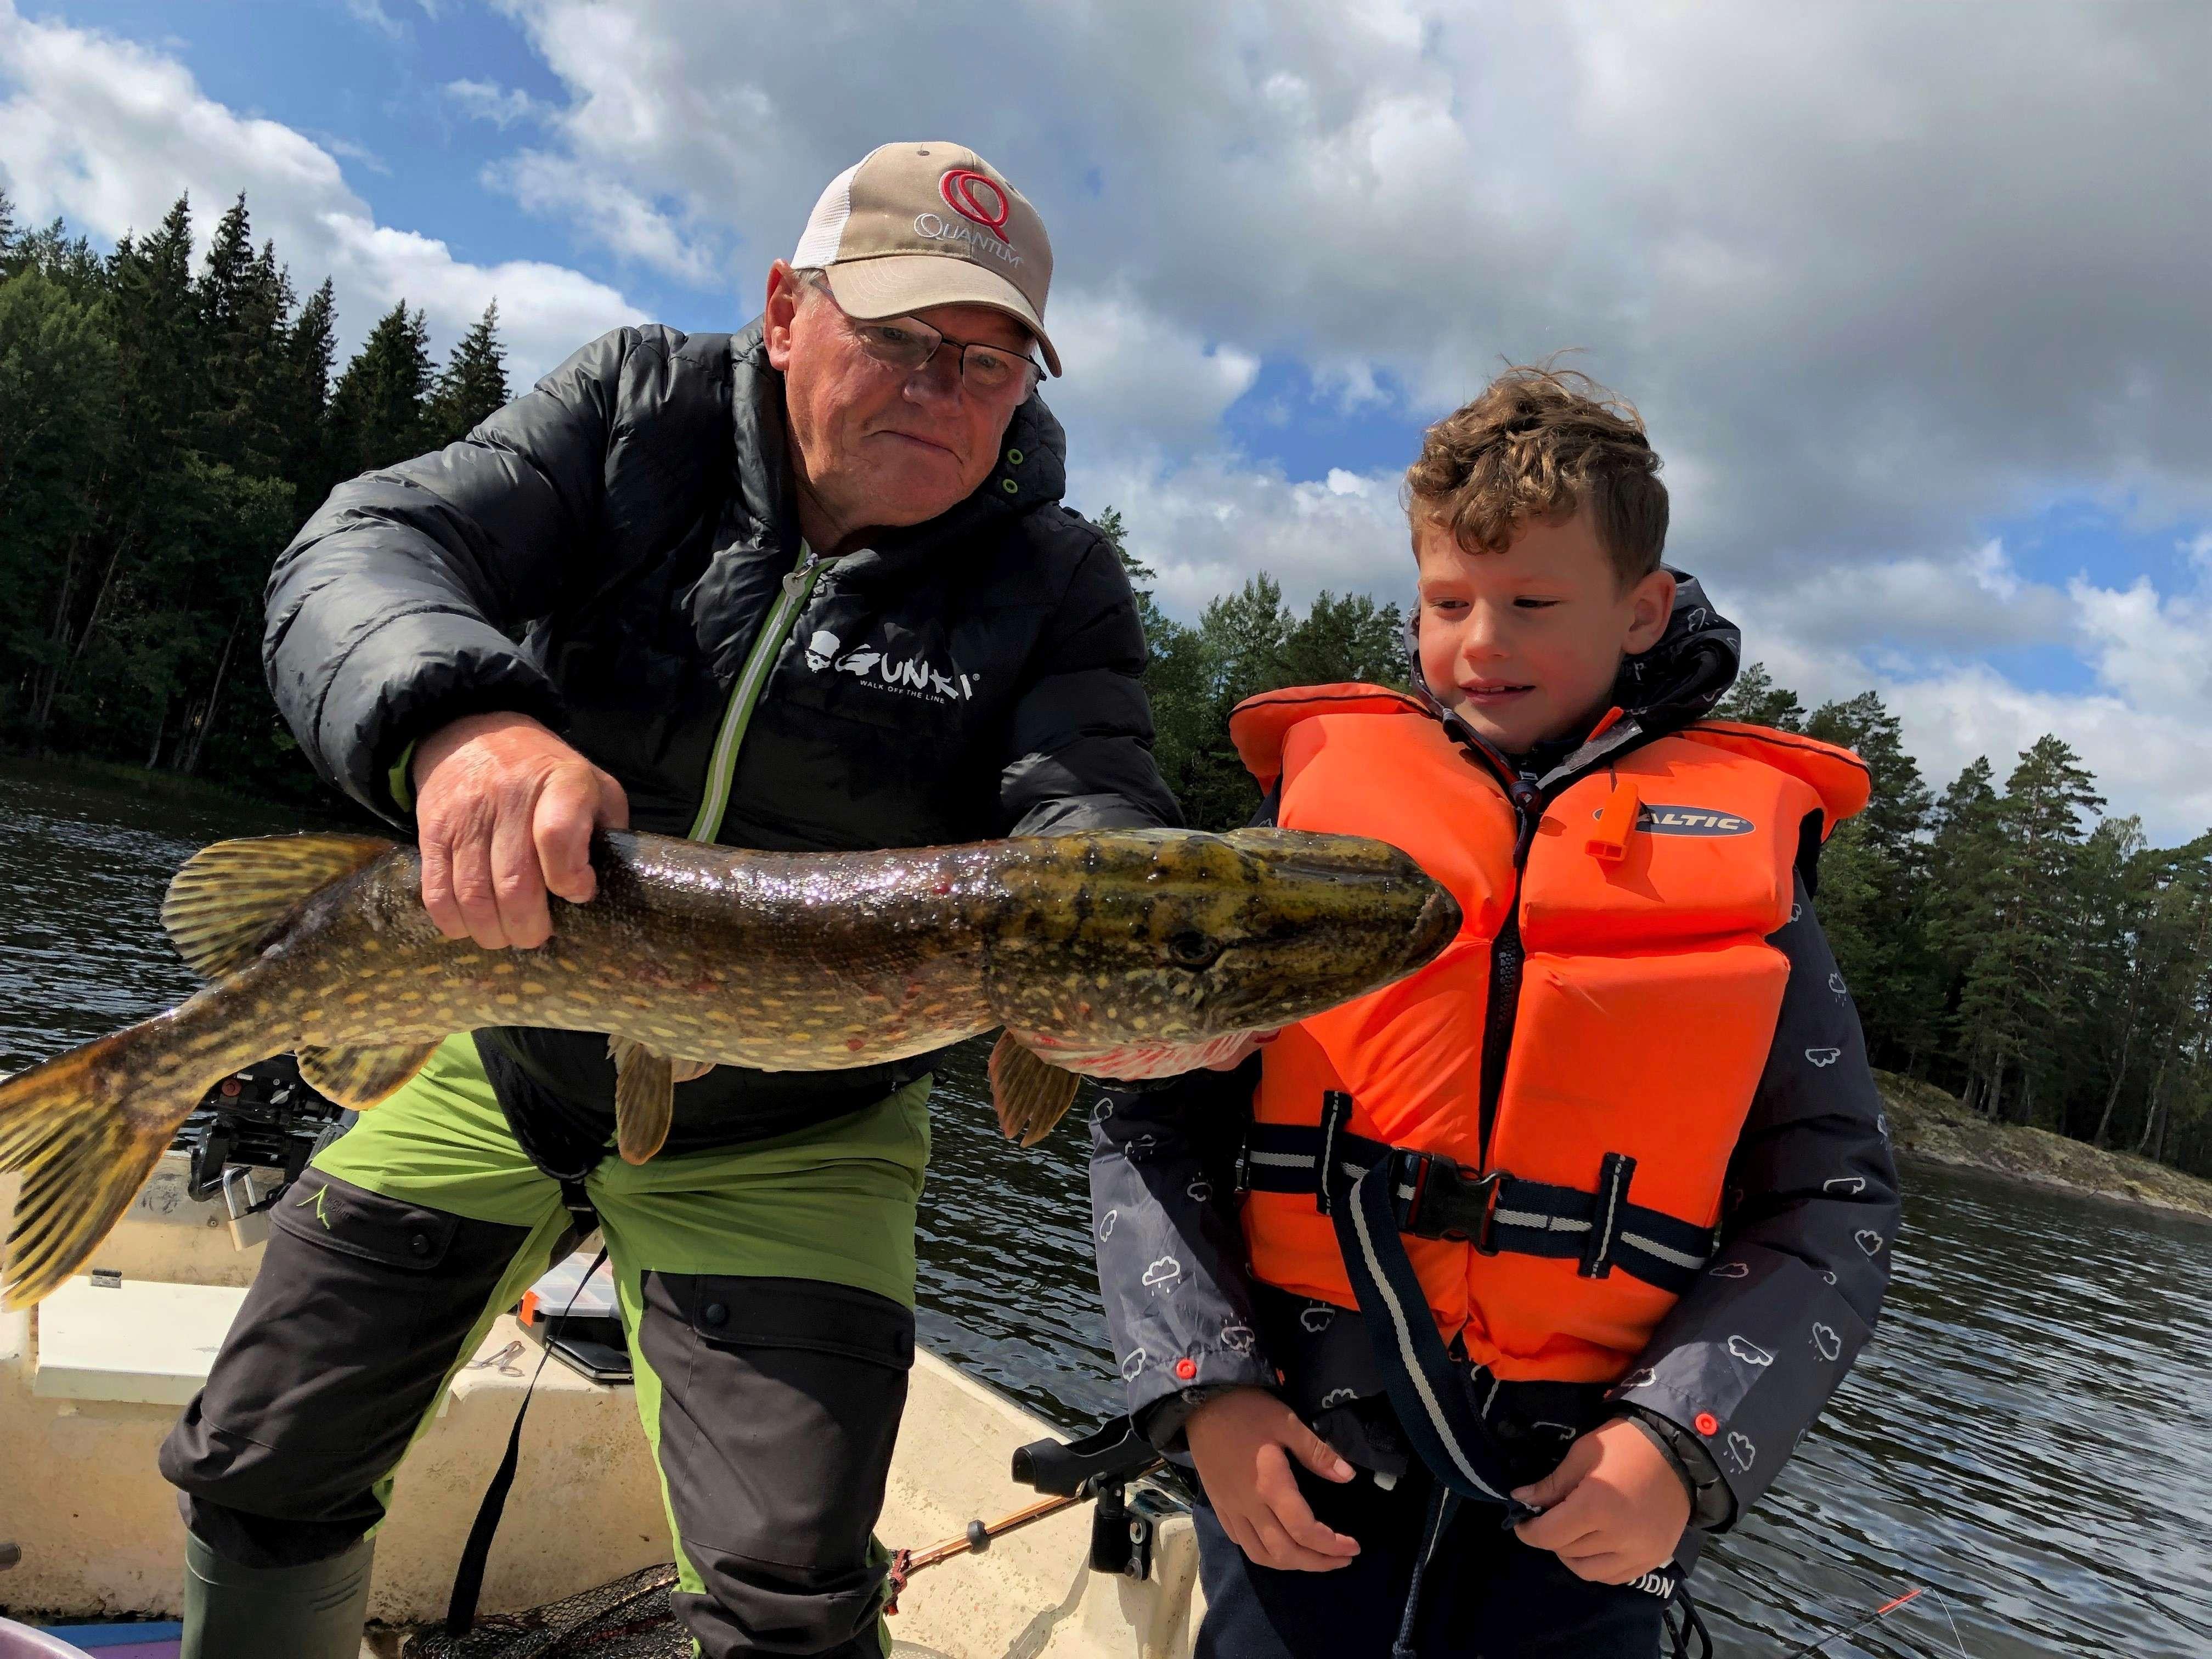 Fiskeguidning incl. fiskekort och fiskredskap på Mycklaflons sjö